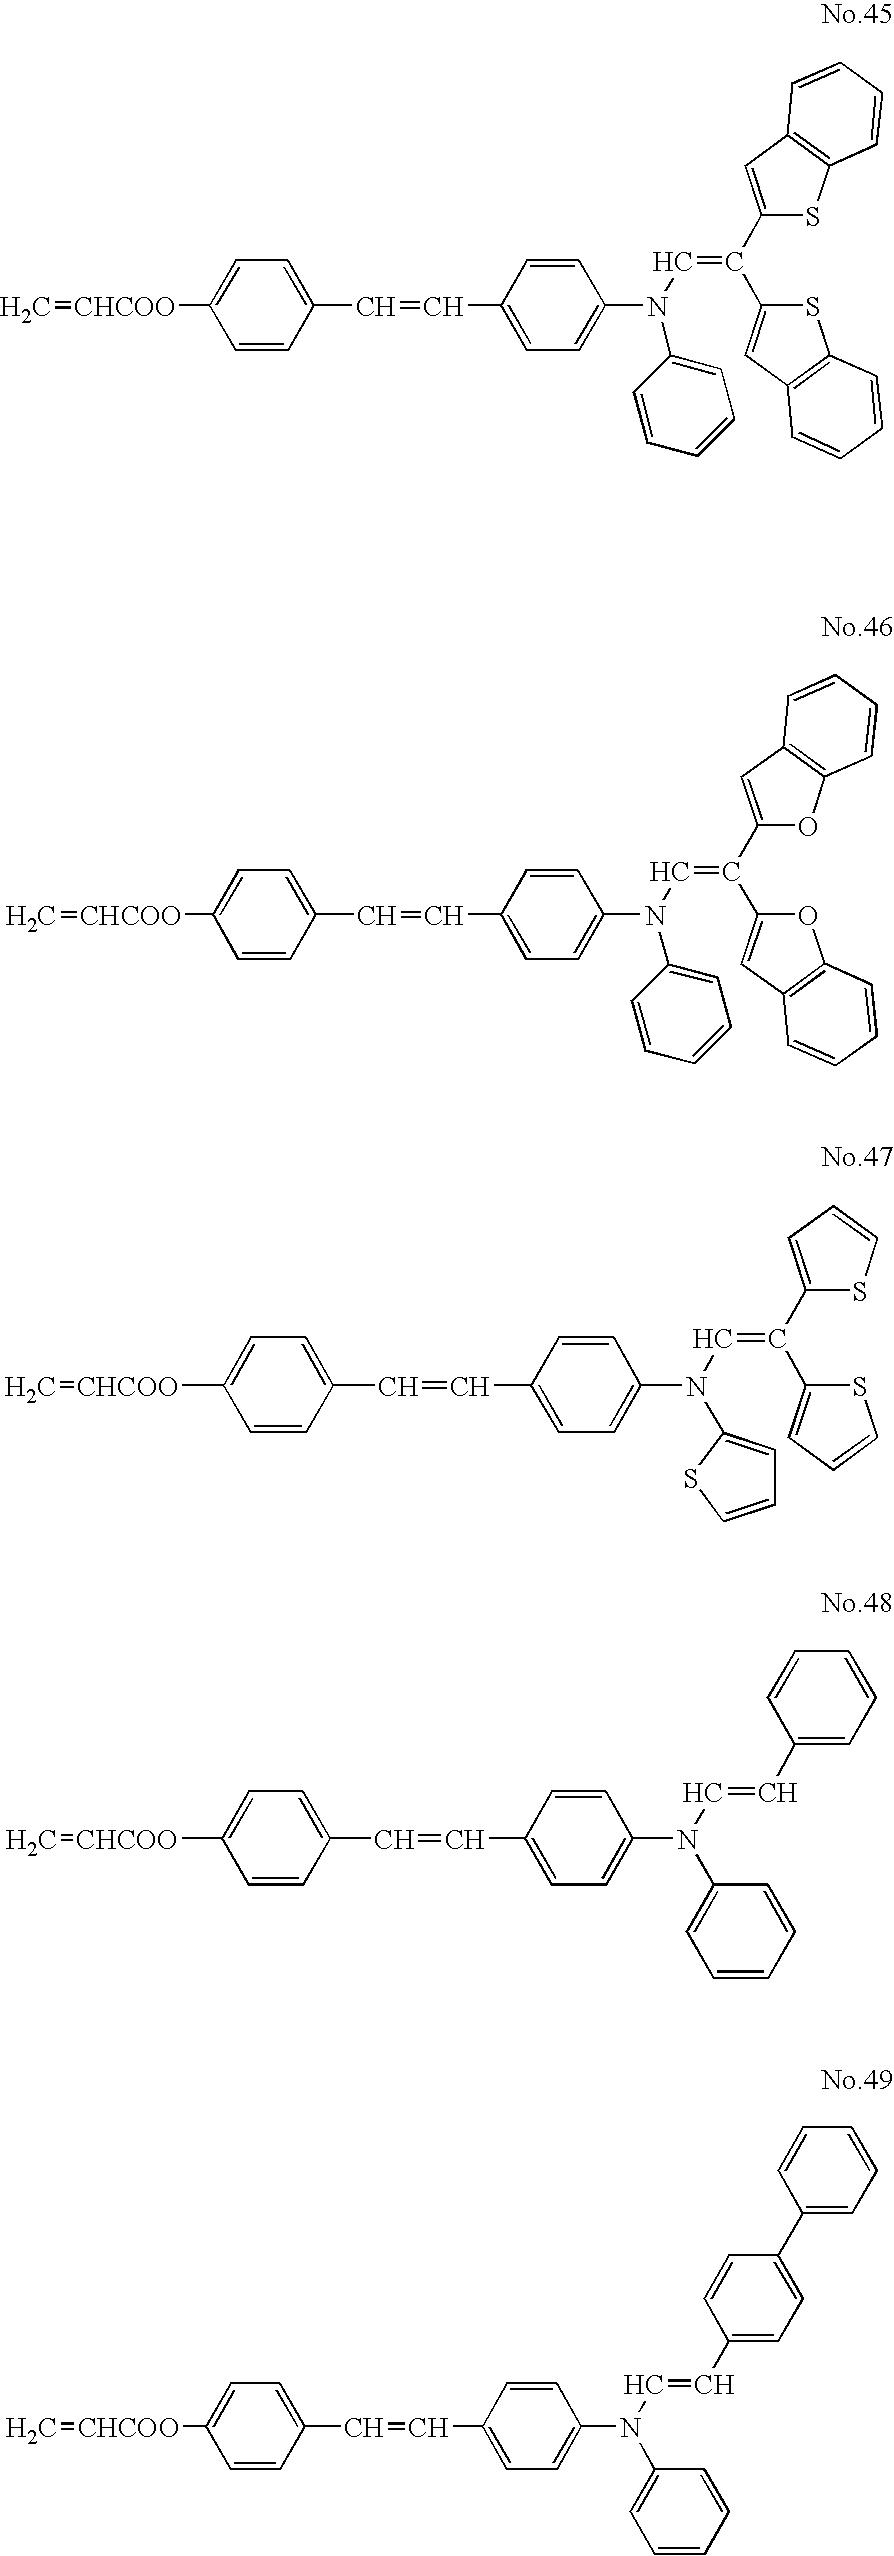 Figure US07507509-20090324-C00015